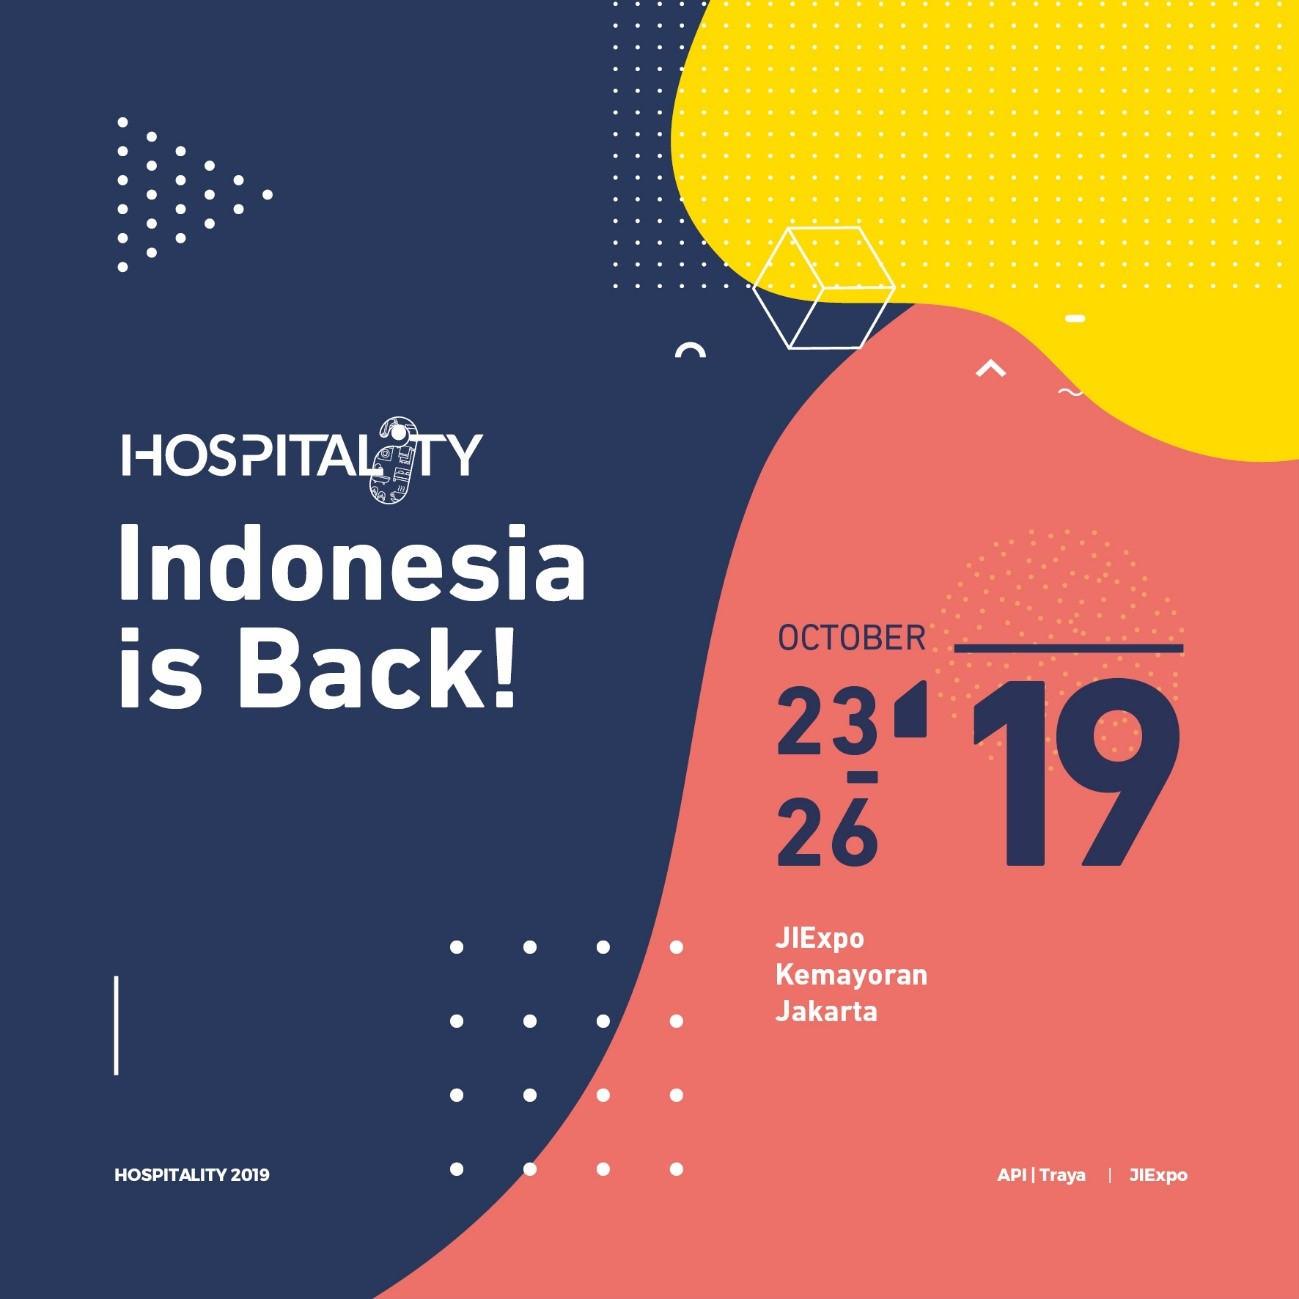 Pameran Hospitality Indonesia 2019: Mengusung Inovasi Desain yang Berbasis Humanis | Foto artikel Arsitag